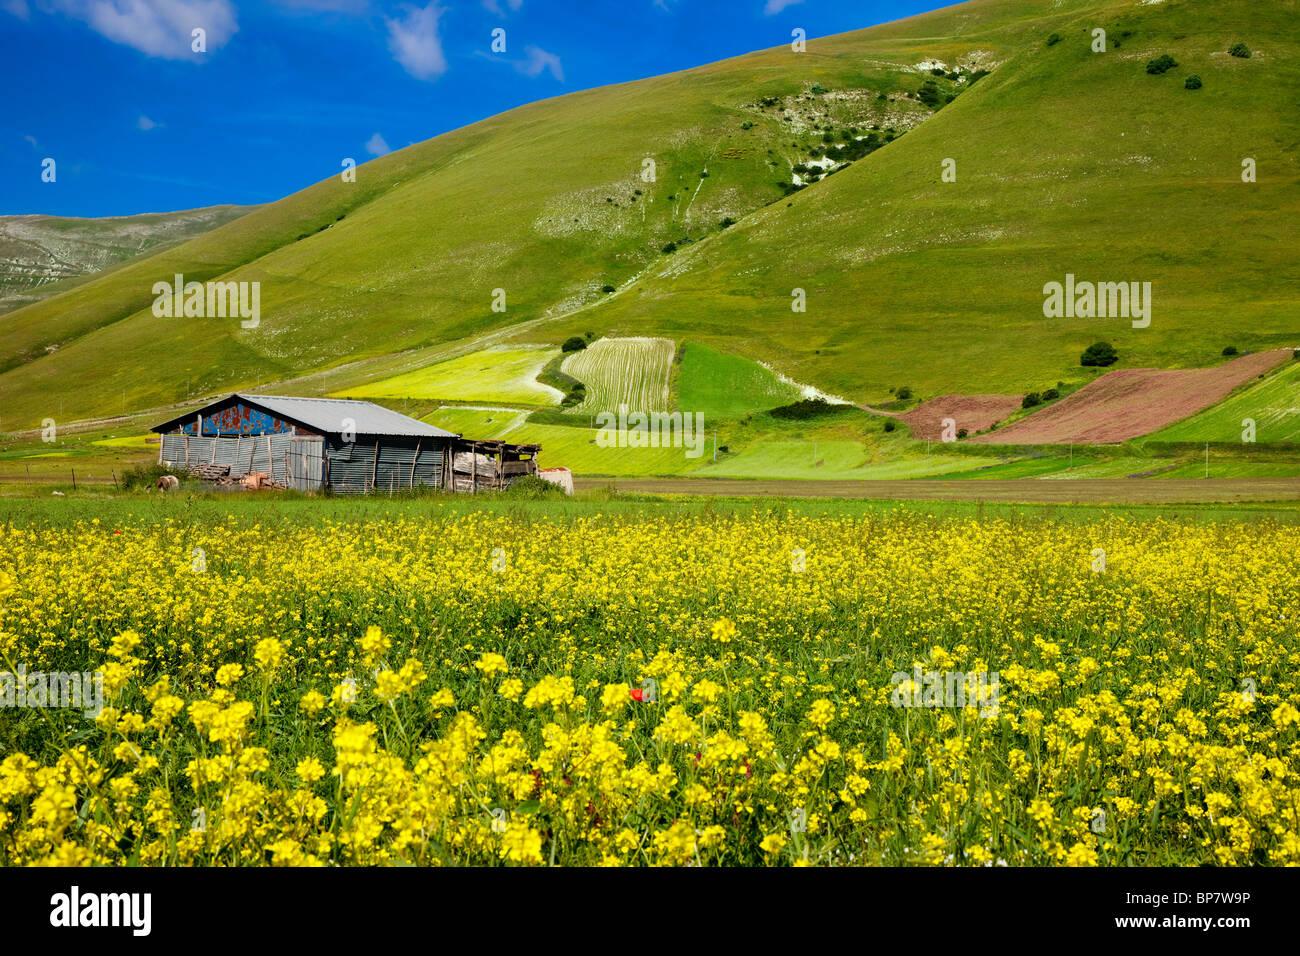 Farmer's choza rodeada de flores silvestres en el Piano grande cerca de Castelluccio, Umbria Italia Imagen De Stock